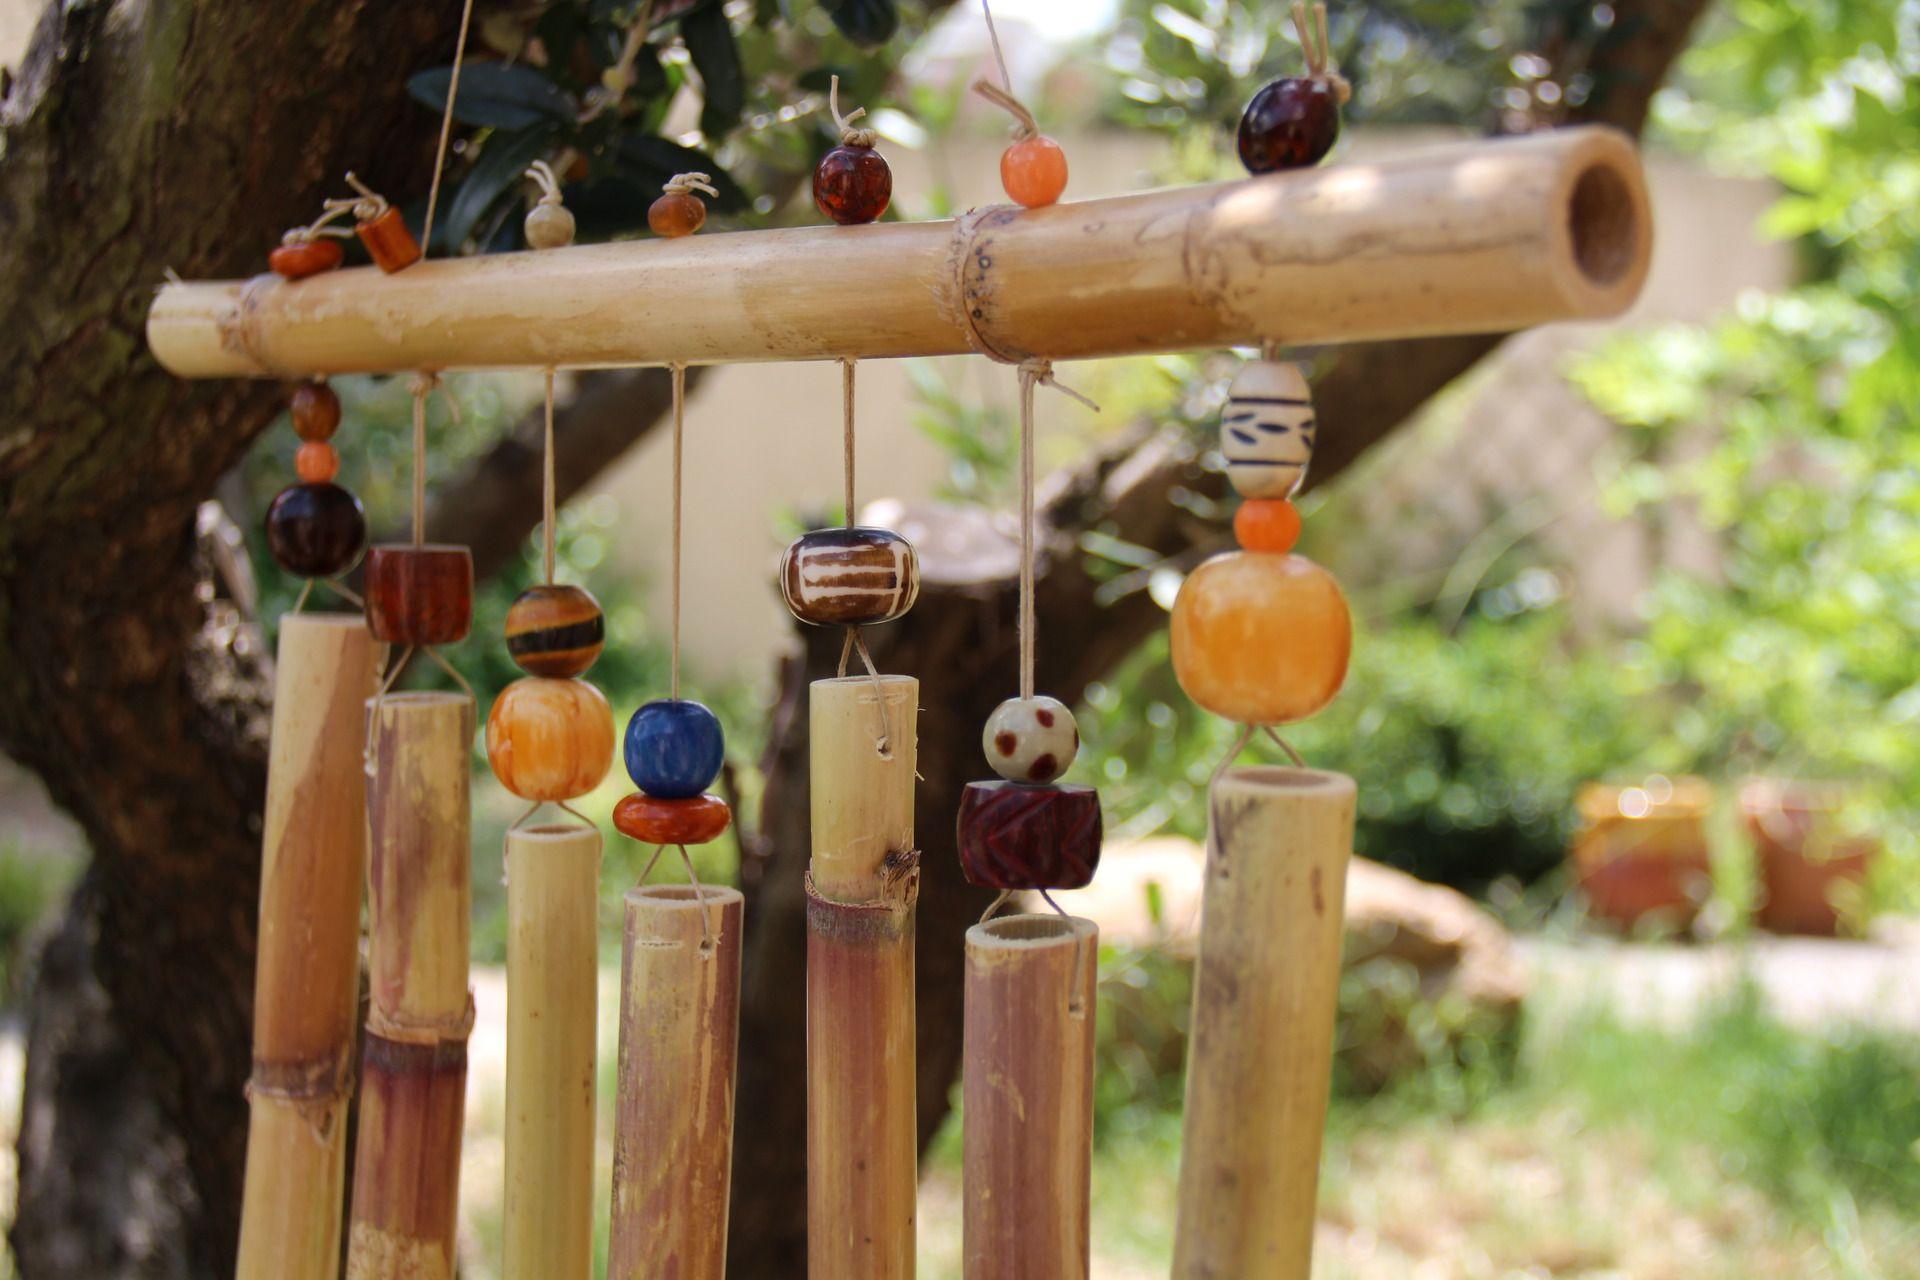 Épinglé Par Léa Schreiber Sur La Boîte À Idées En 2020 ... serapportantà Carillon Bambou Jardin